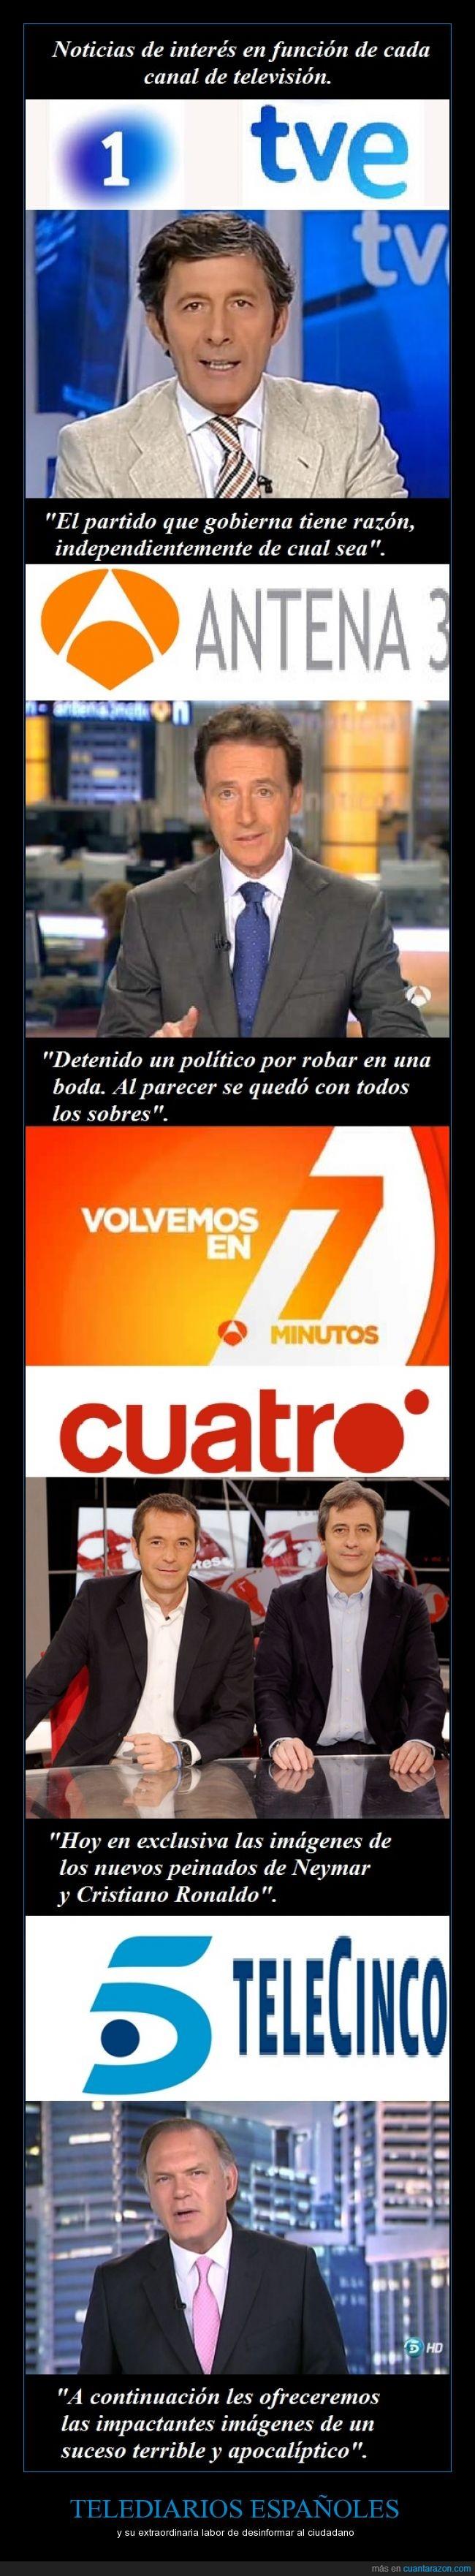 antena 3,chistaco de matías prats,cuatro,españa,la 1,noticias,rigor periodístico,telecinco,telediario